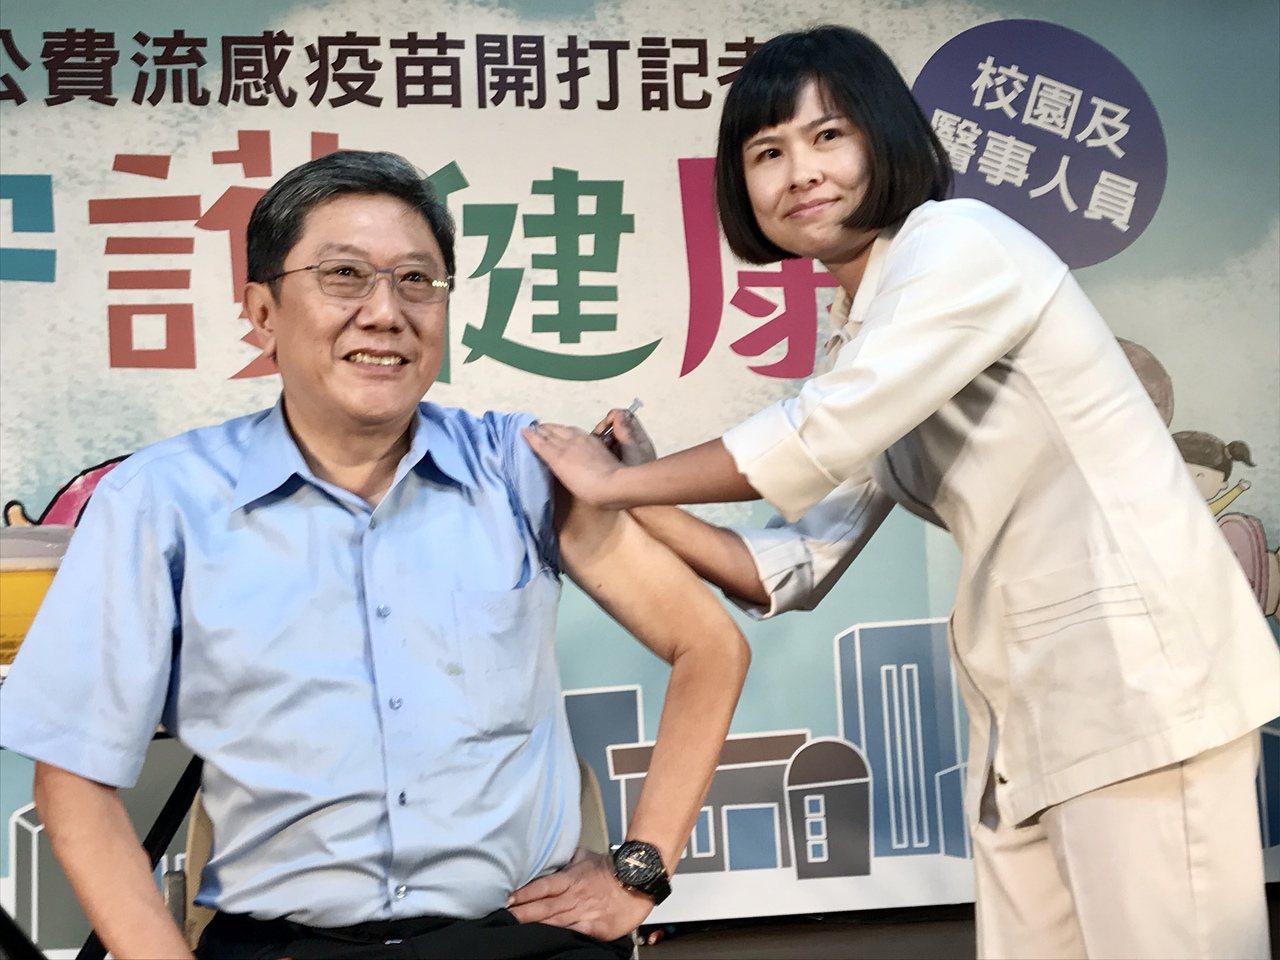 今年公費流感疫苗今天開打,第一階段施打對象為學生及醫護人員,台大醫院李秉穎醫師上...